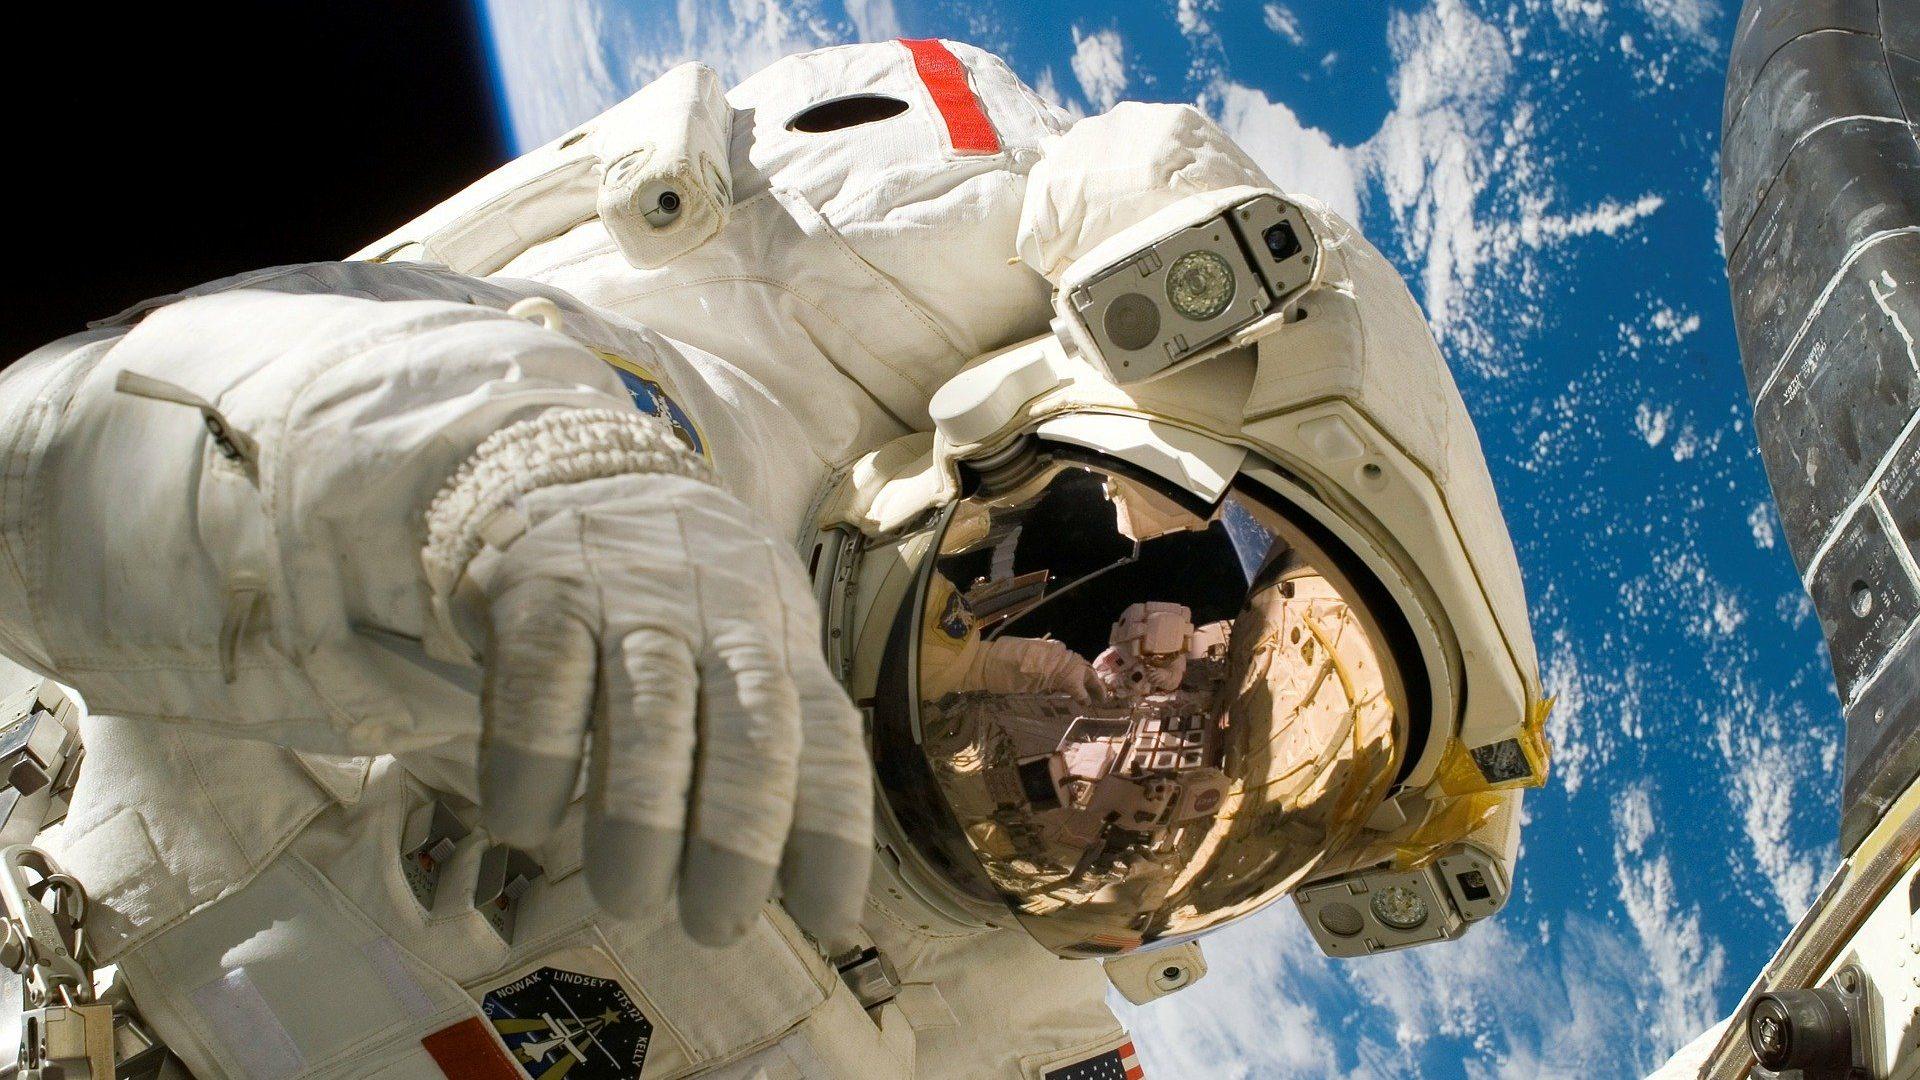 12 curiosidades sobre trajes espaciais que você jamais imaginou. Não é novidade que os trajes espaciais servem para proteção do corpo humano, mas, além disso, para quê eles servem?